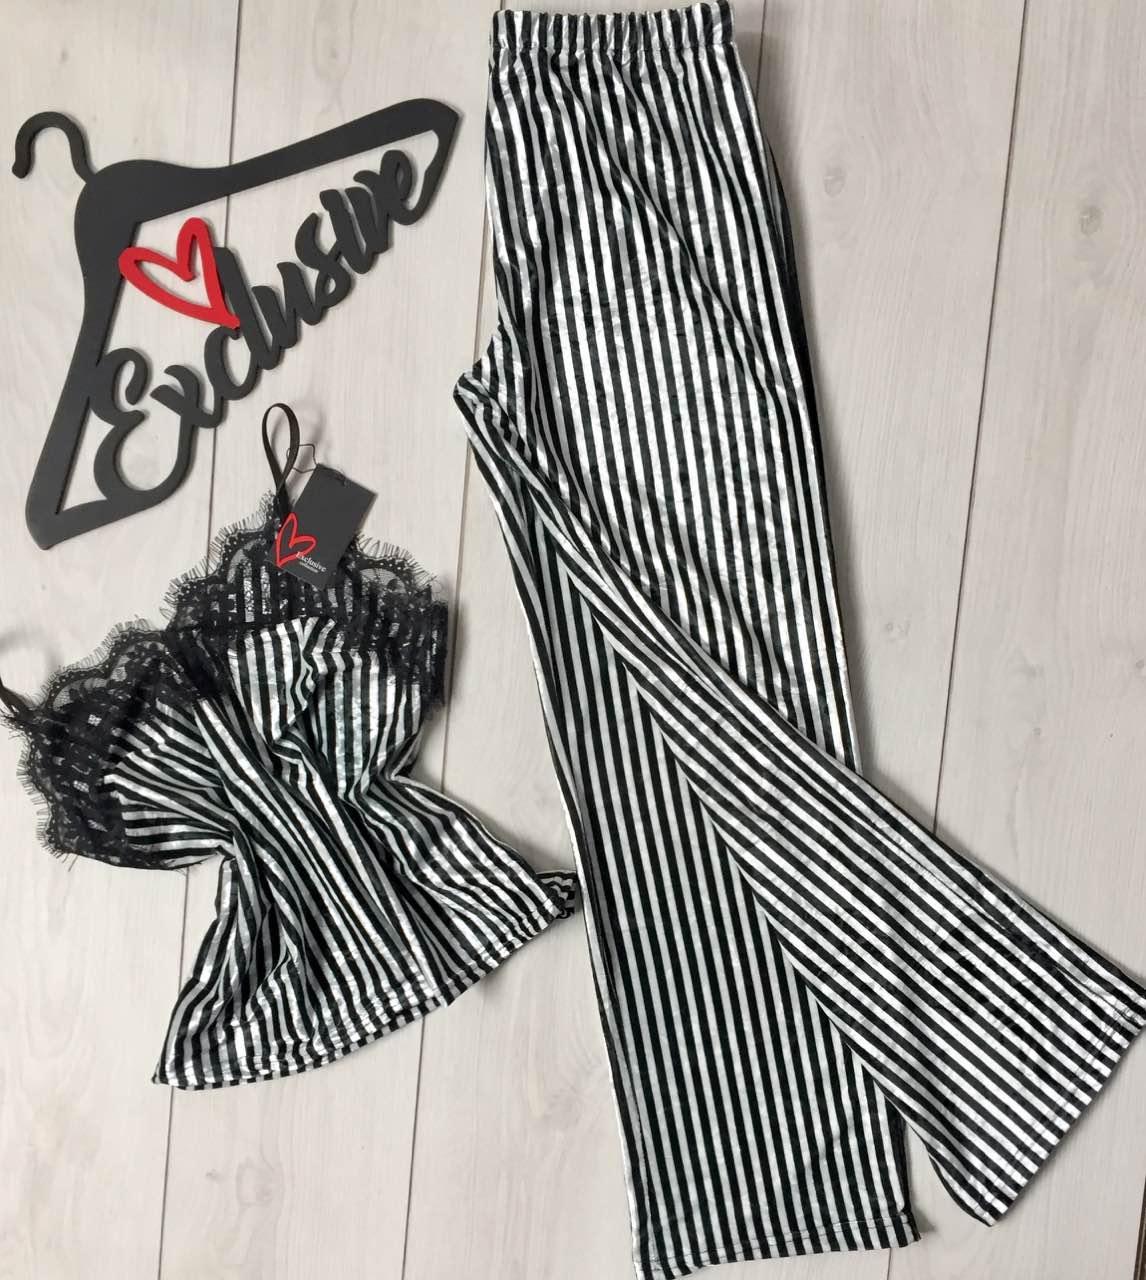 Велюровый комплект в полоску с кружевом штаны и майка, одежда для дома.